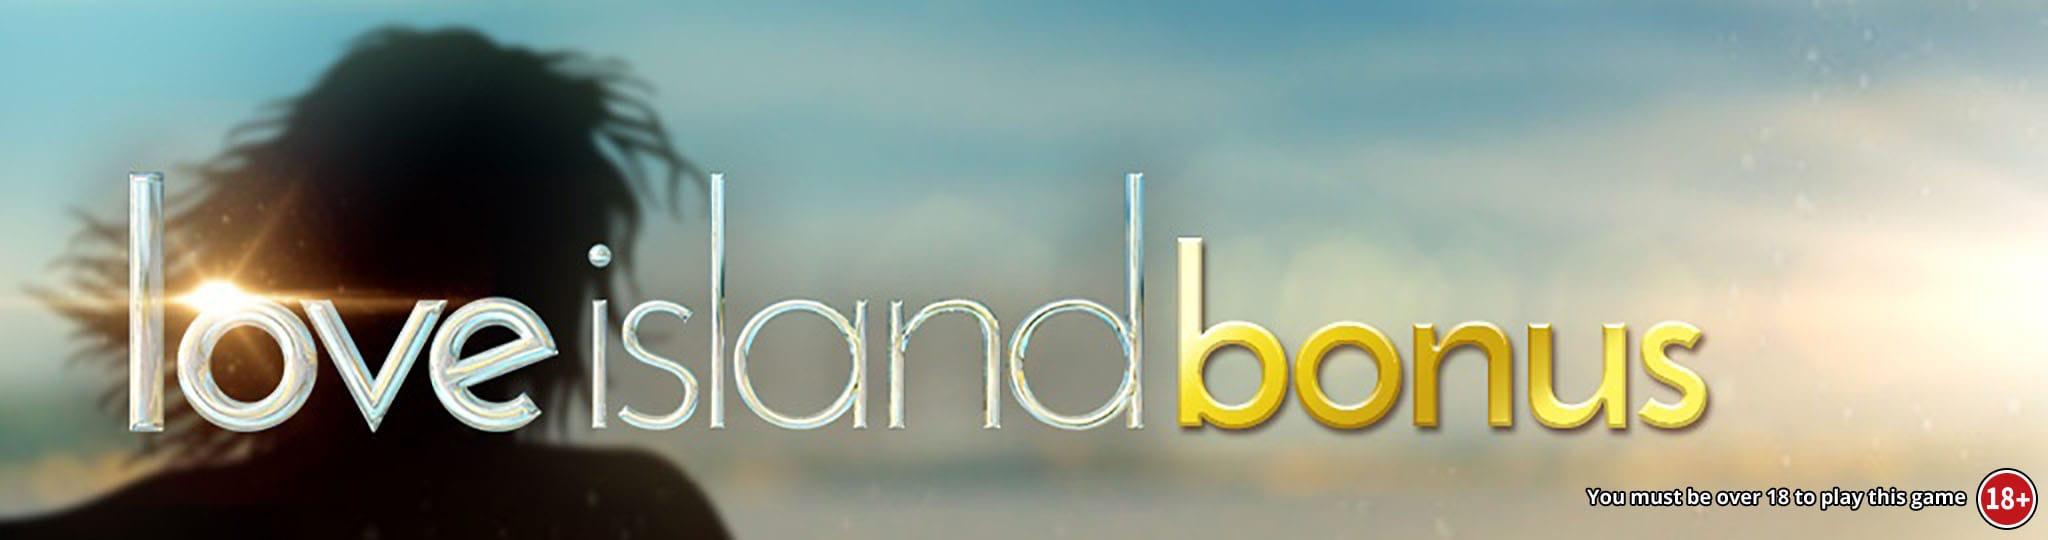 Love Island Bonus Logo